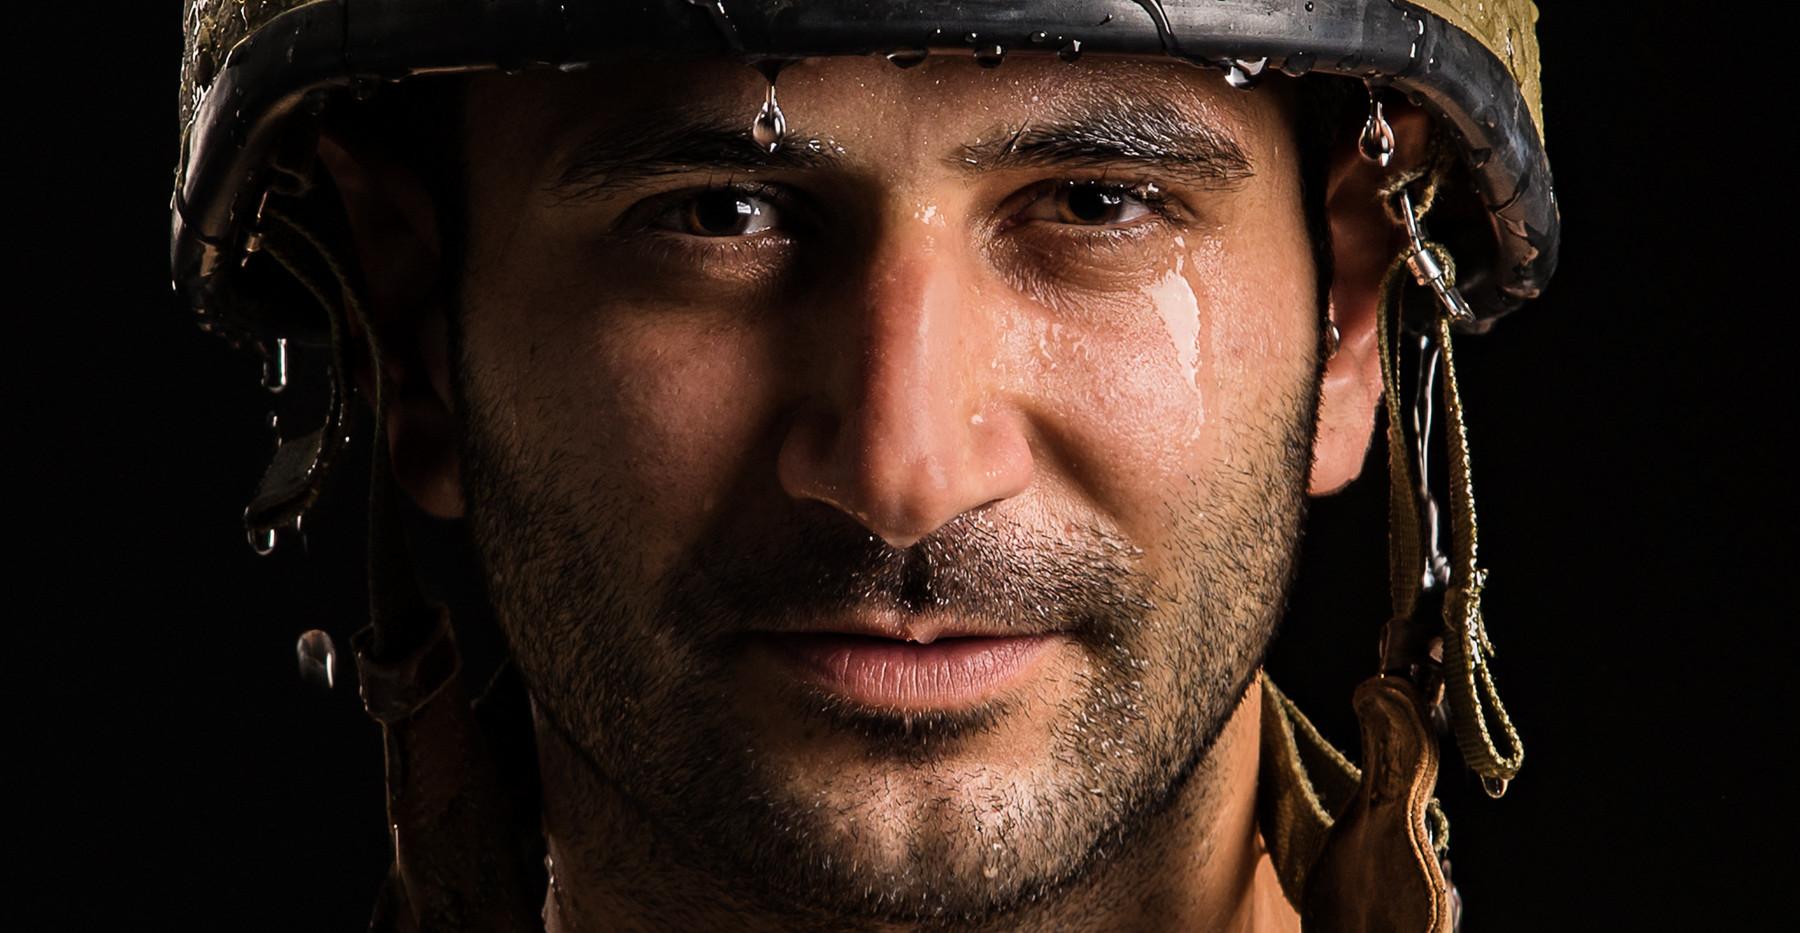 Matan S. A hero